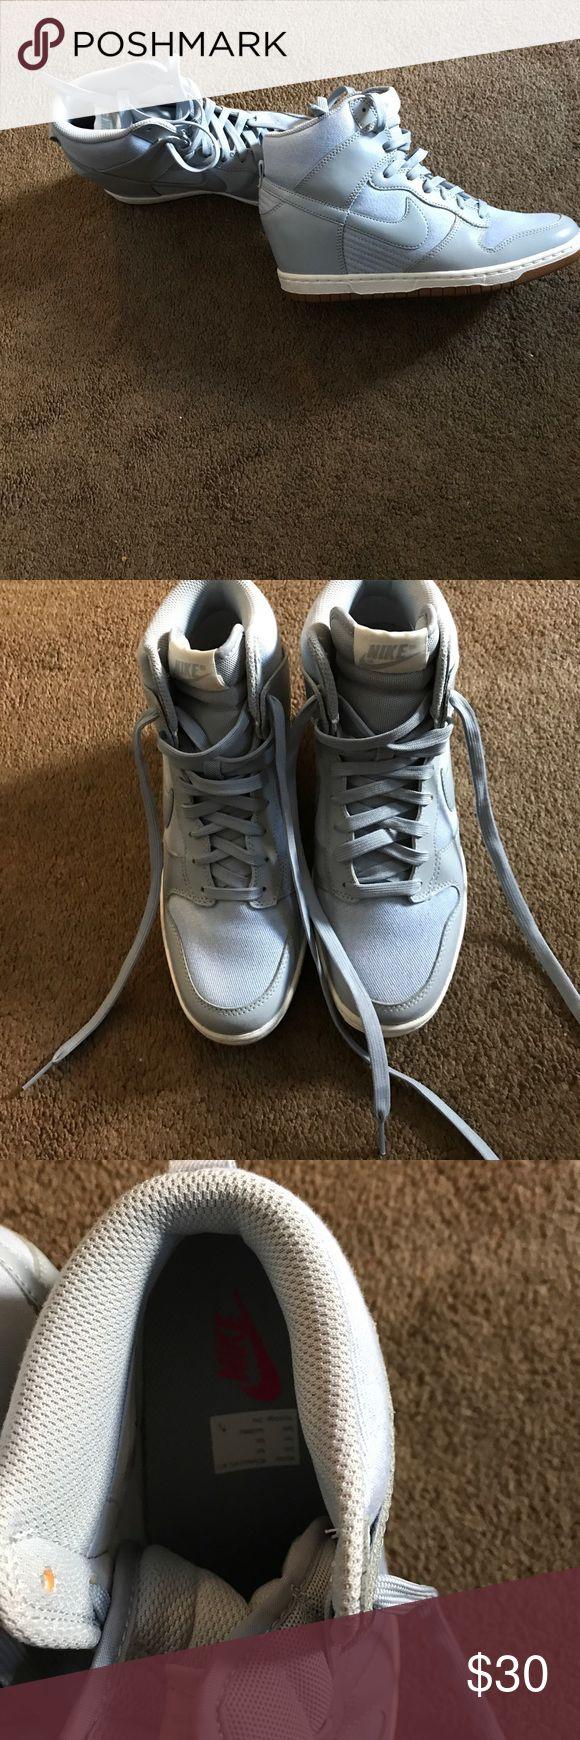 Nike Wedge Sneakers Nike Wedge baby blue Wedge sneakers gently worn Nike Shoes Sneakers